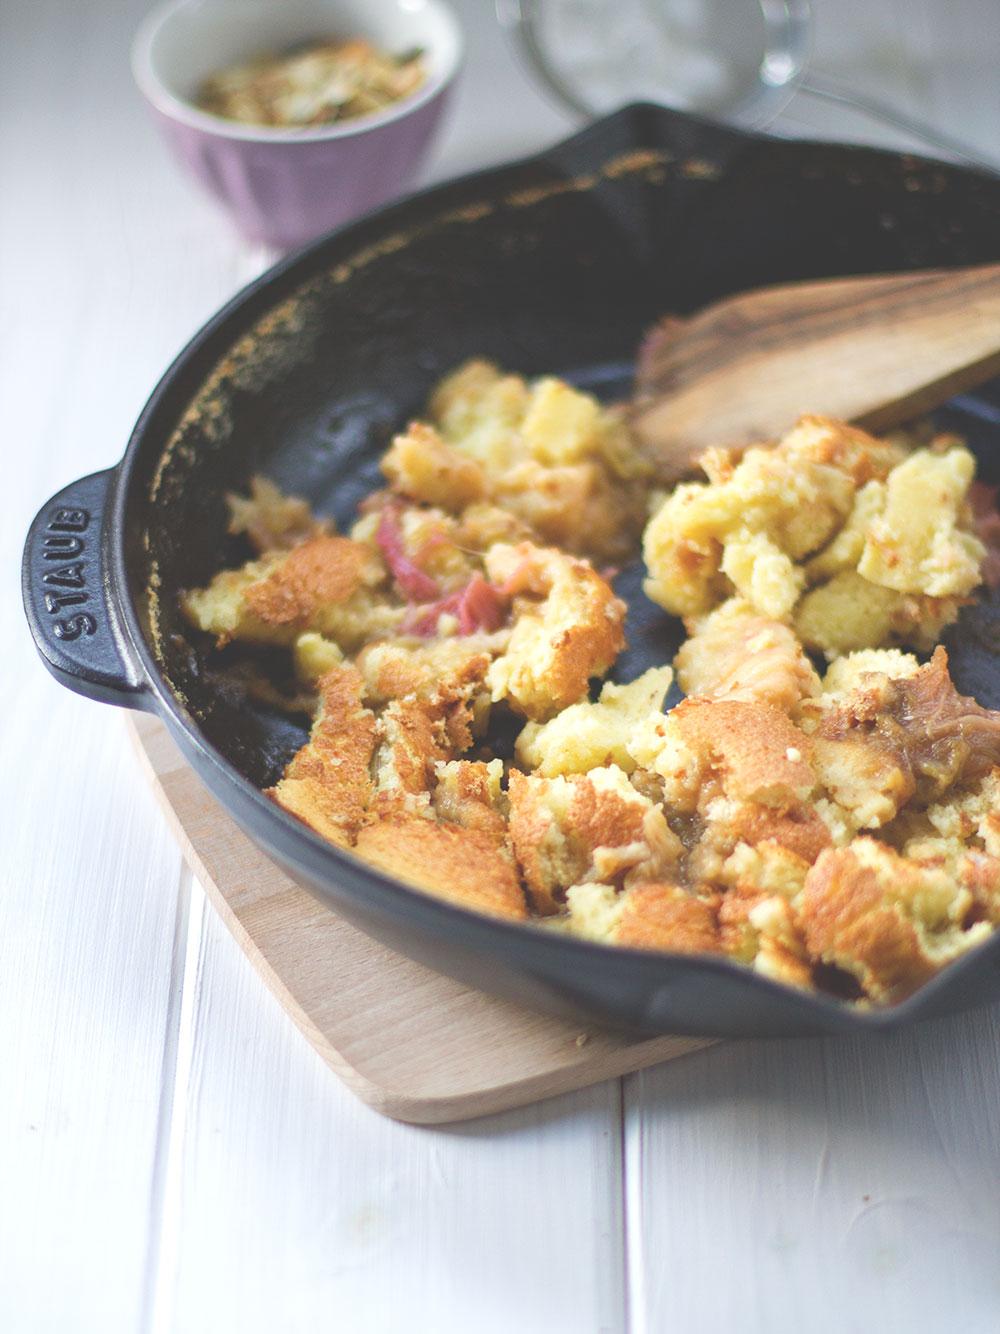 Sonntagssüß: Fluffiger Rhabarber-Ofen-Schmarrn - Kaiserschmarrn mit Rhabarber aus dem Ofen